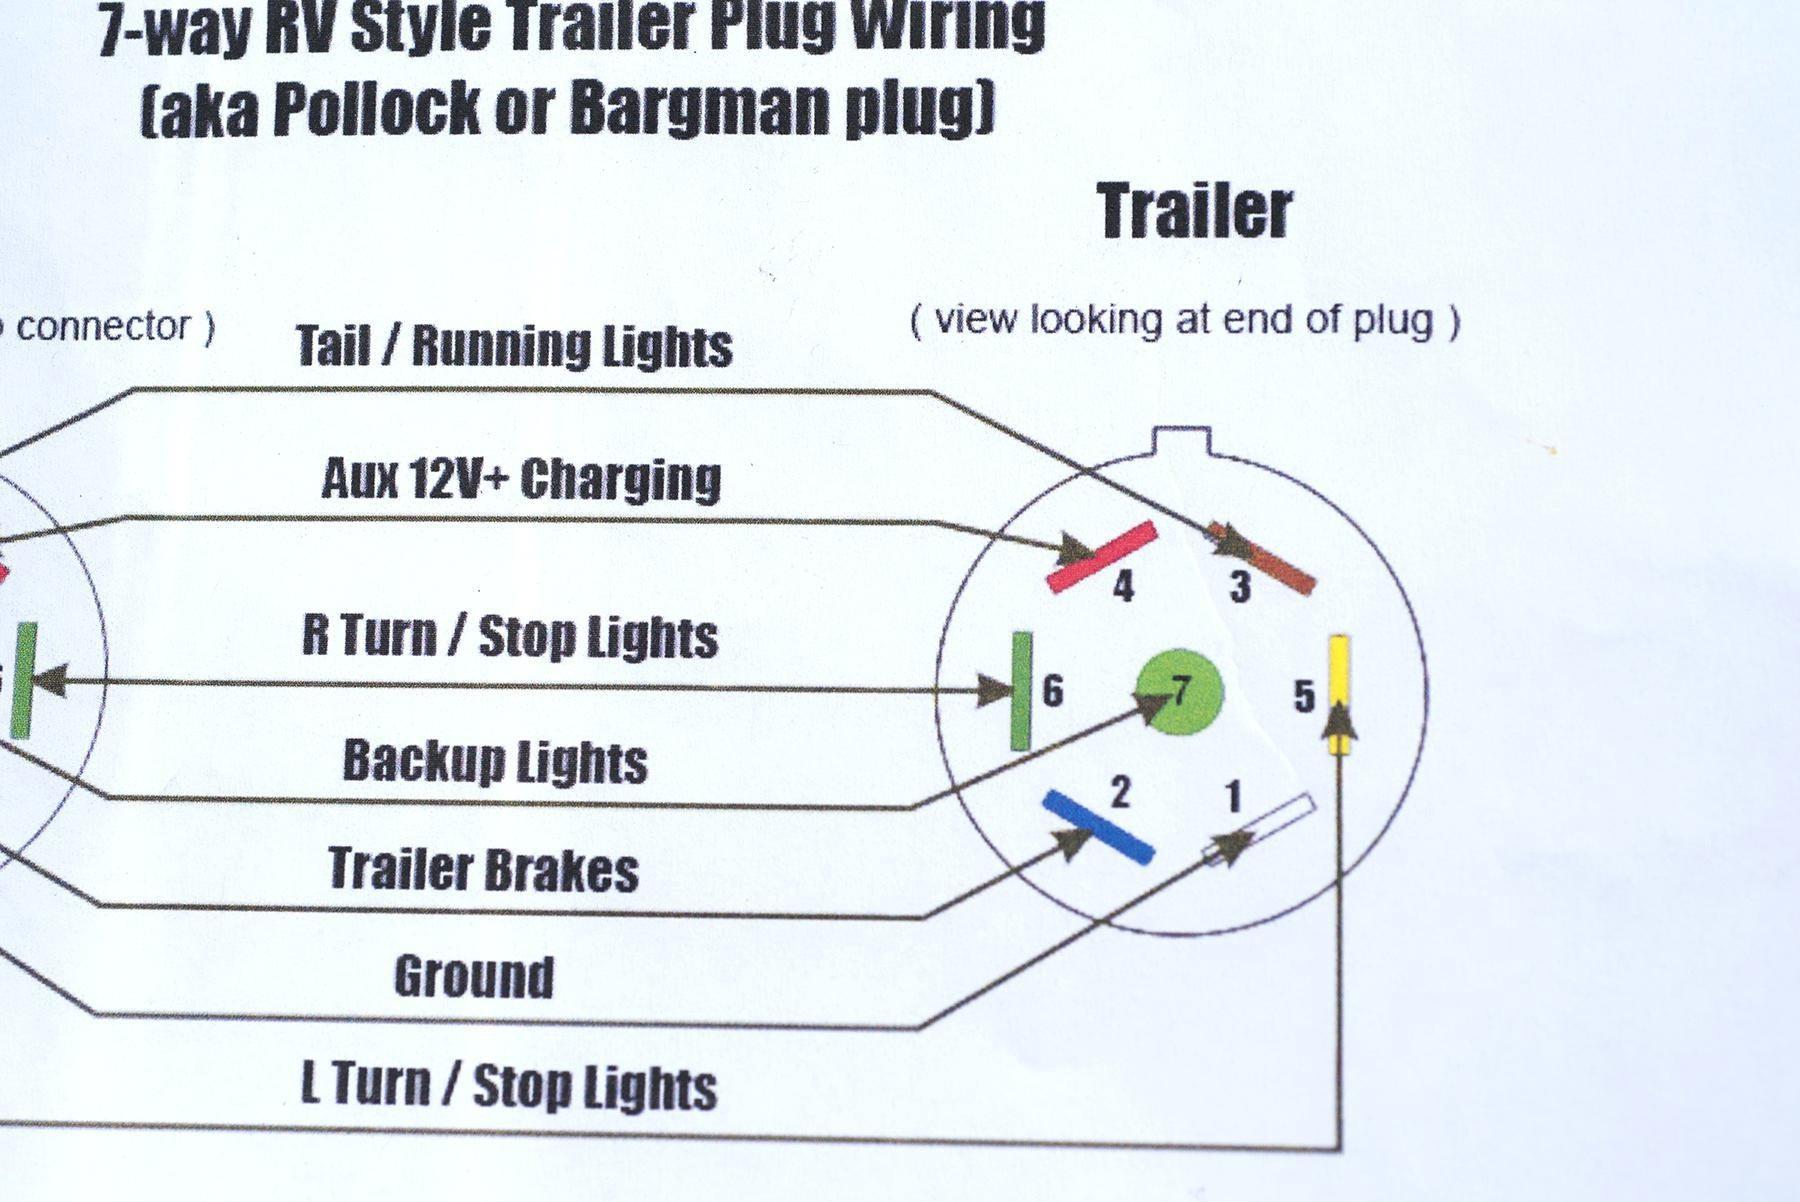 2015 Dodge Ram 7 Pin Trailer Wiring Diagram   Wiring Diagram - Dodge Trailer Wiring Diagram 7 Pin